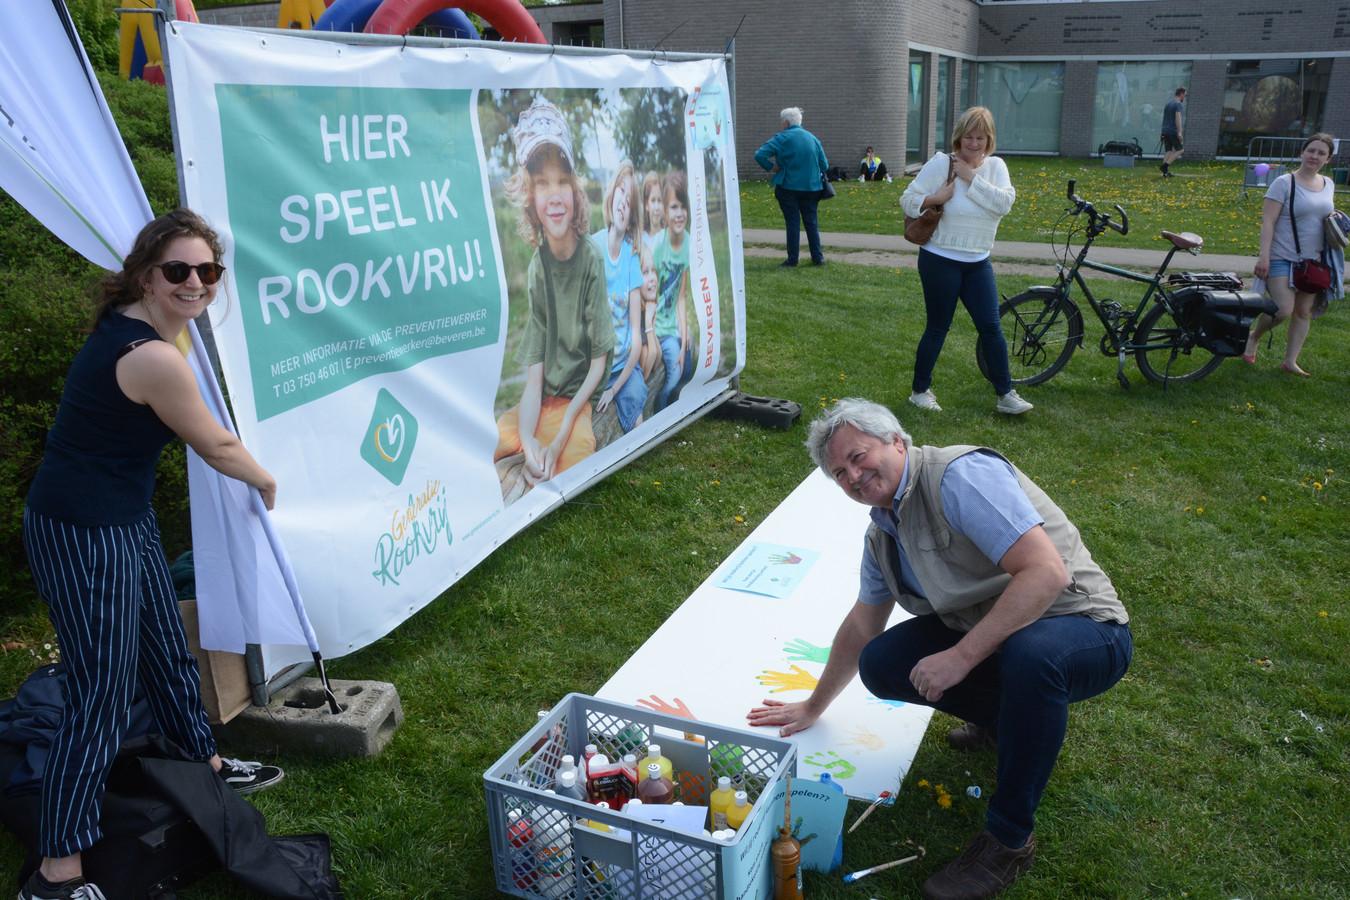 Preventiewerker Ilka Walleyn nodigde iedereen uit om het charter te onderschrijven.